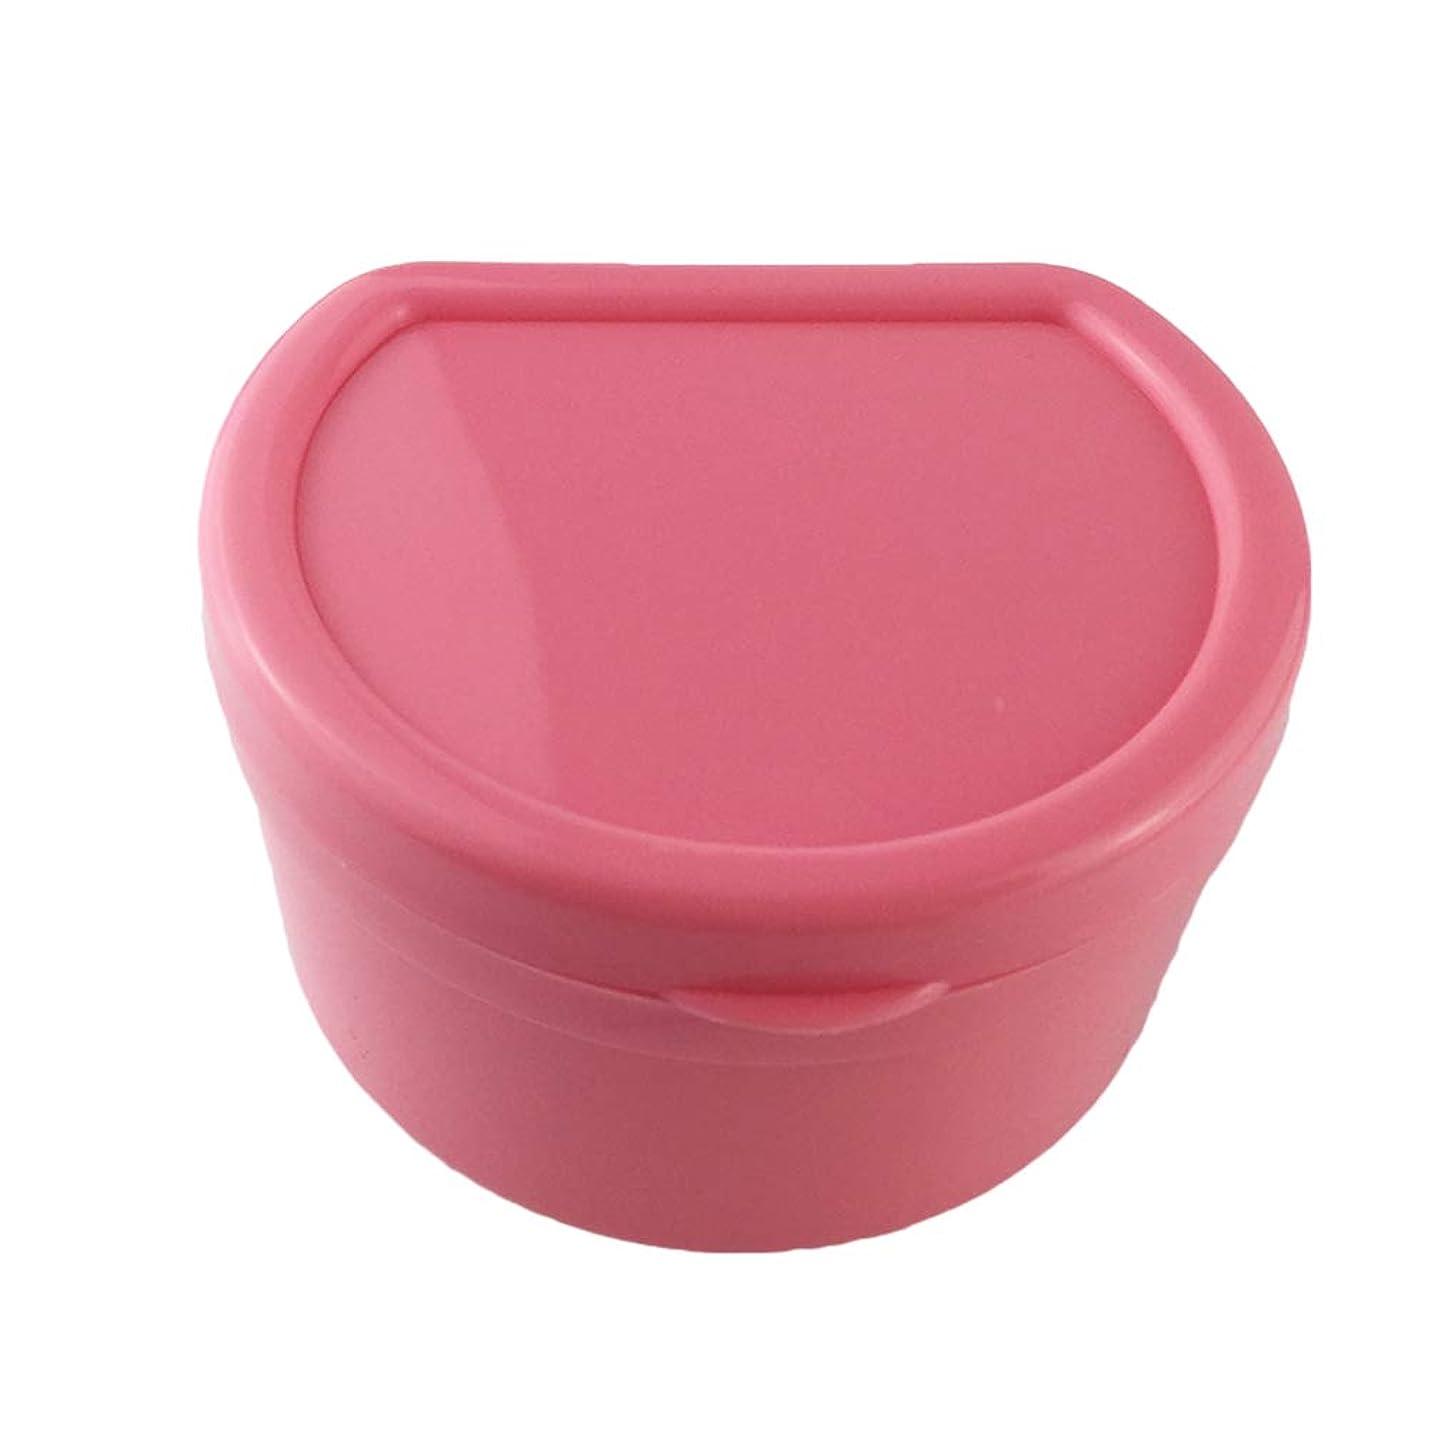 可能性サスペンド主要なSUPVOX 義歯バスボックスケース入れ歯カップ付きストレーナーネット付偽歯(ピンク)